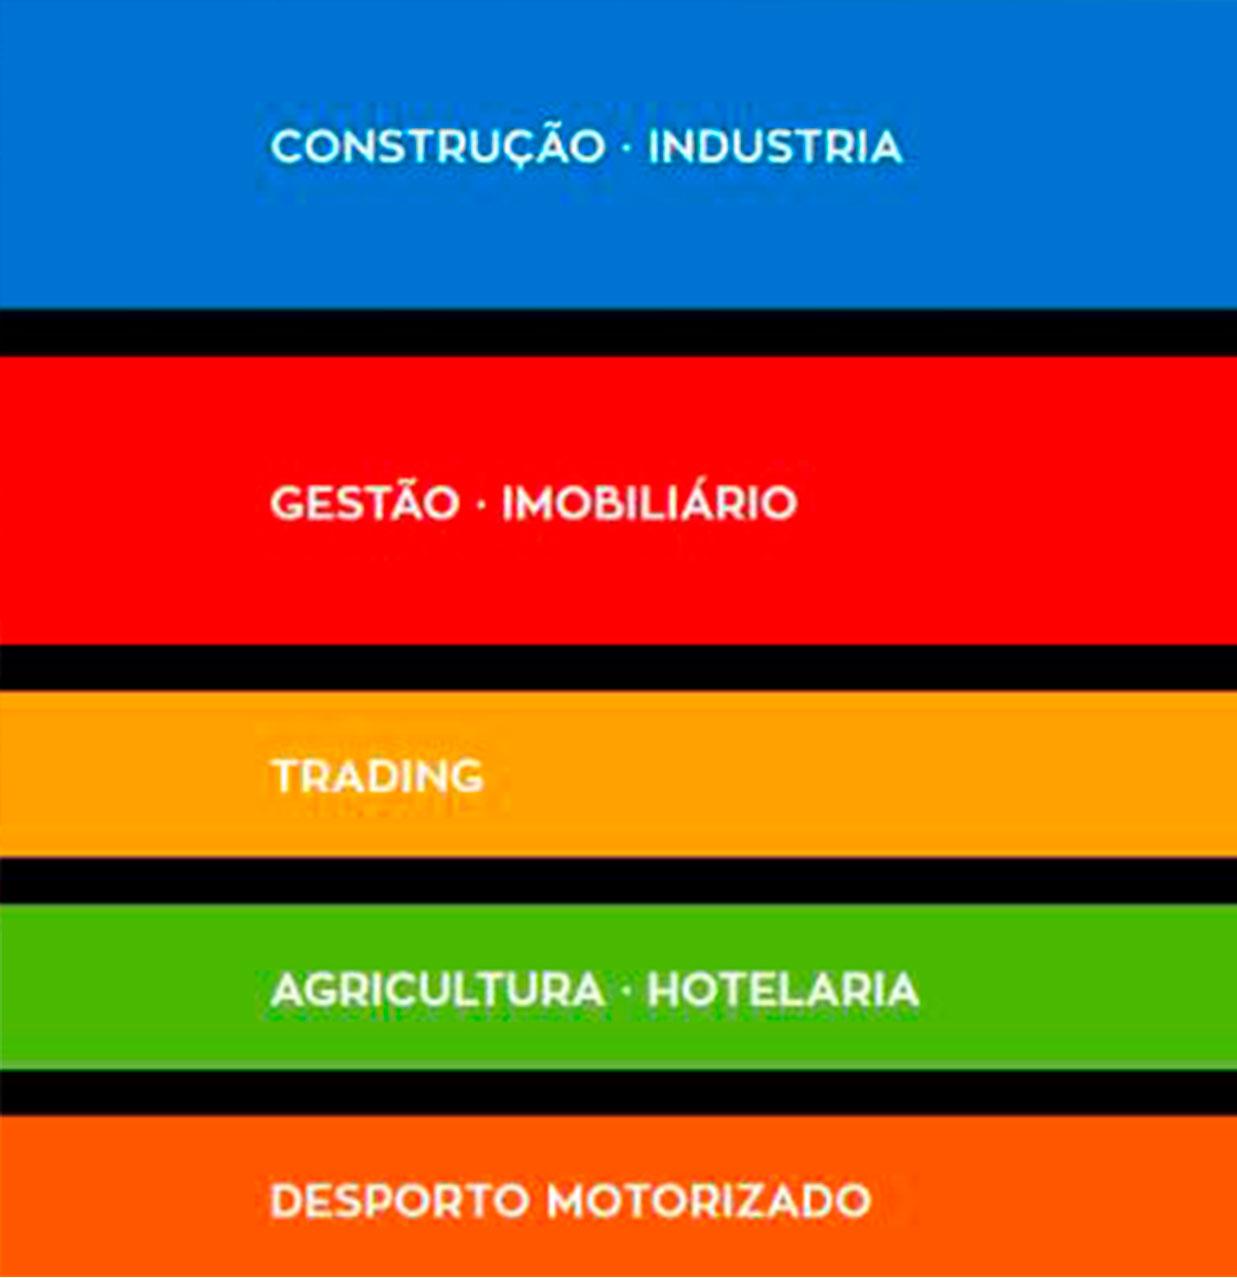 Nova organização do grupo em 5 Áreas de atividade